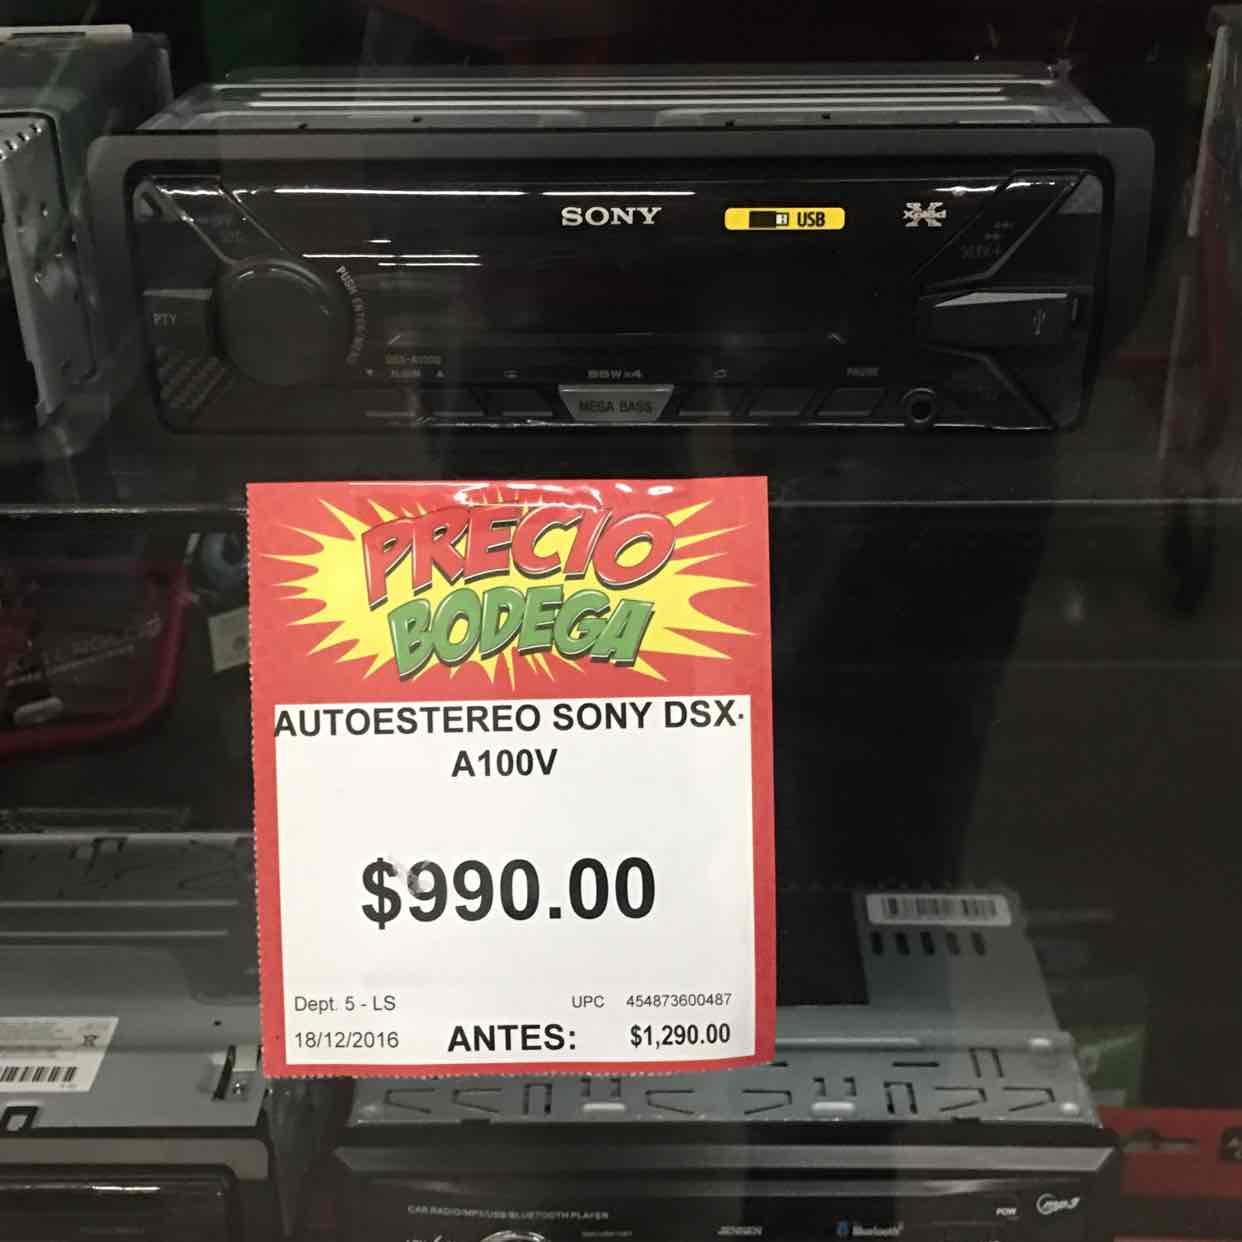 Bodega Aurrerá: Autoestéreo Sony DSX-A100V a $990